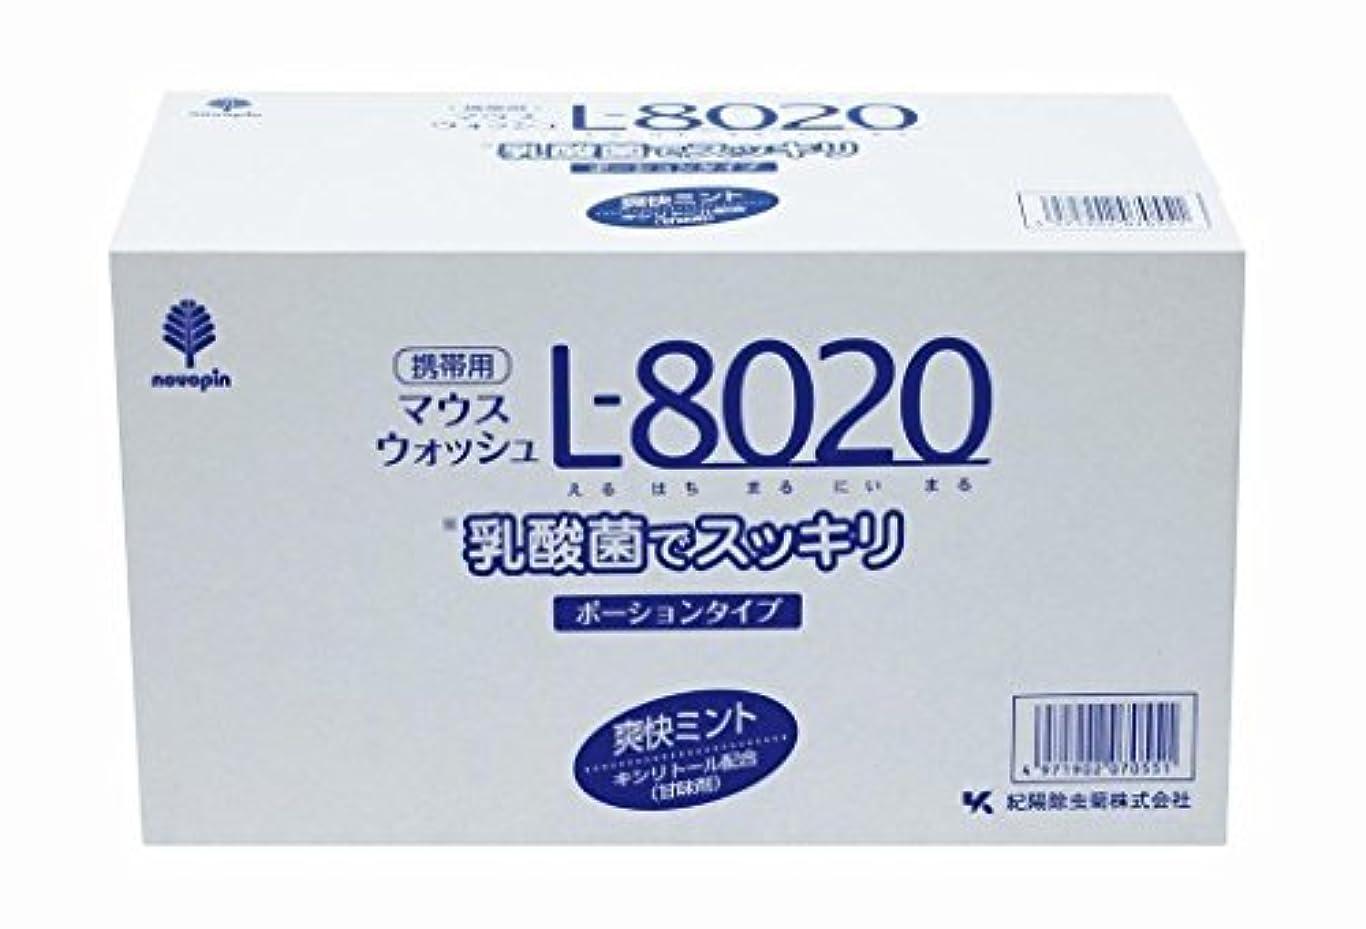 媒染剤マーカー発生クチュッペL-8020爽快ミントポーションタイプ100個入(アルコール) 【まとめ買い10個セット】 K-7055 日本製 Japan